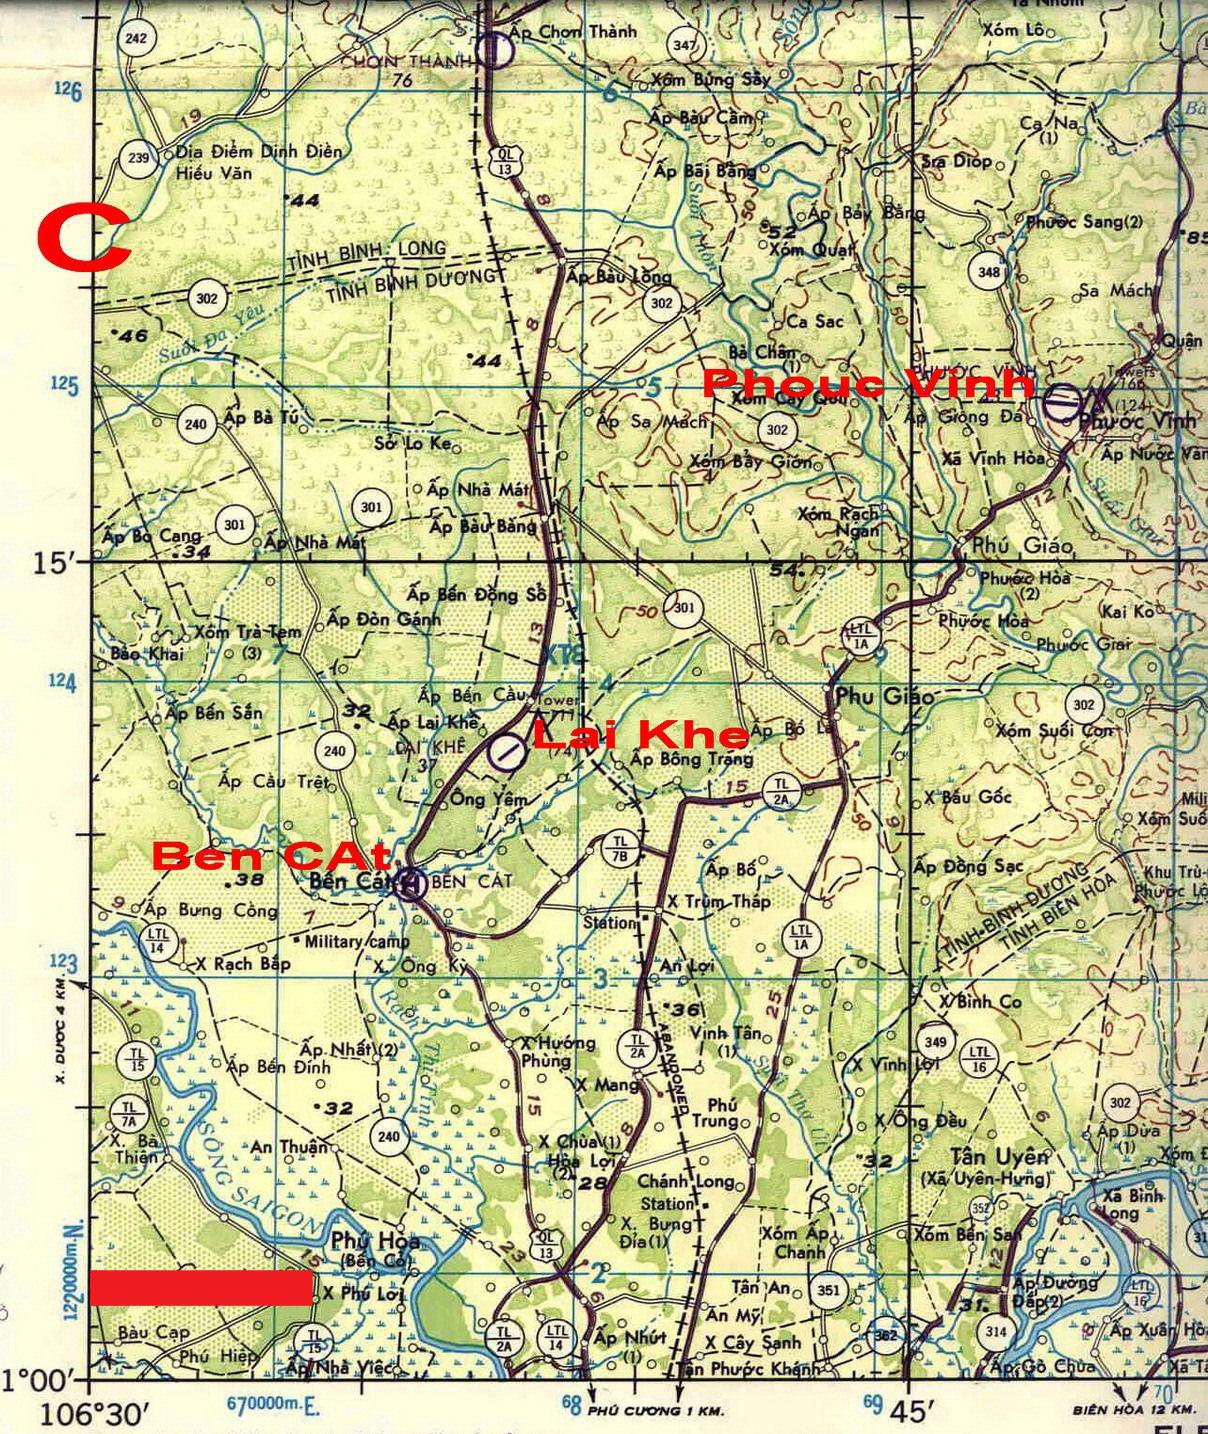 Lai Khe Vietnam Map.Cmap Ben Cat Phu Loi